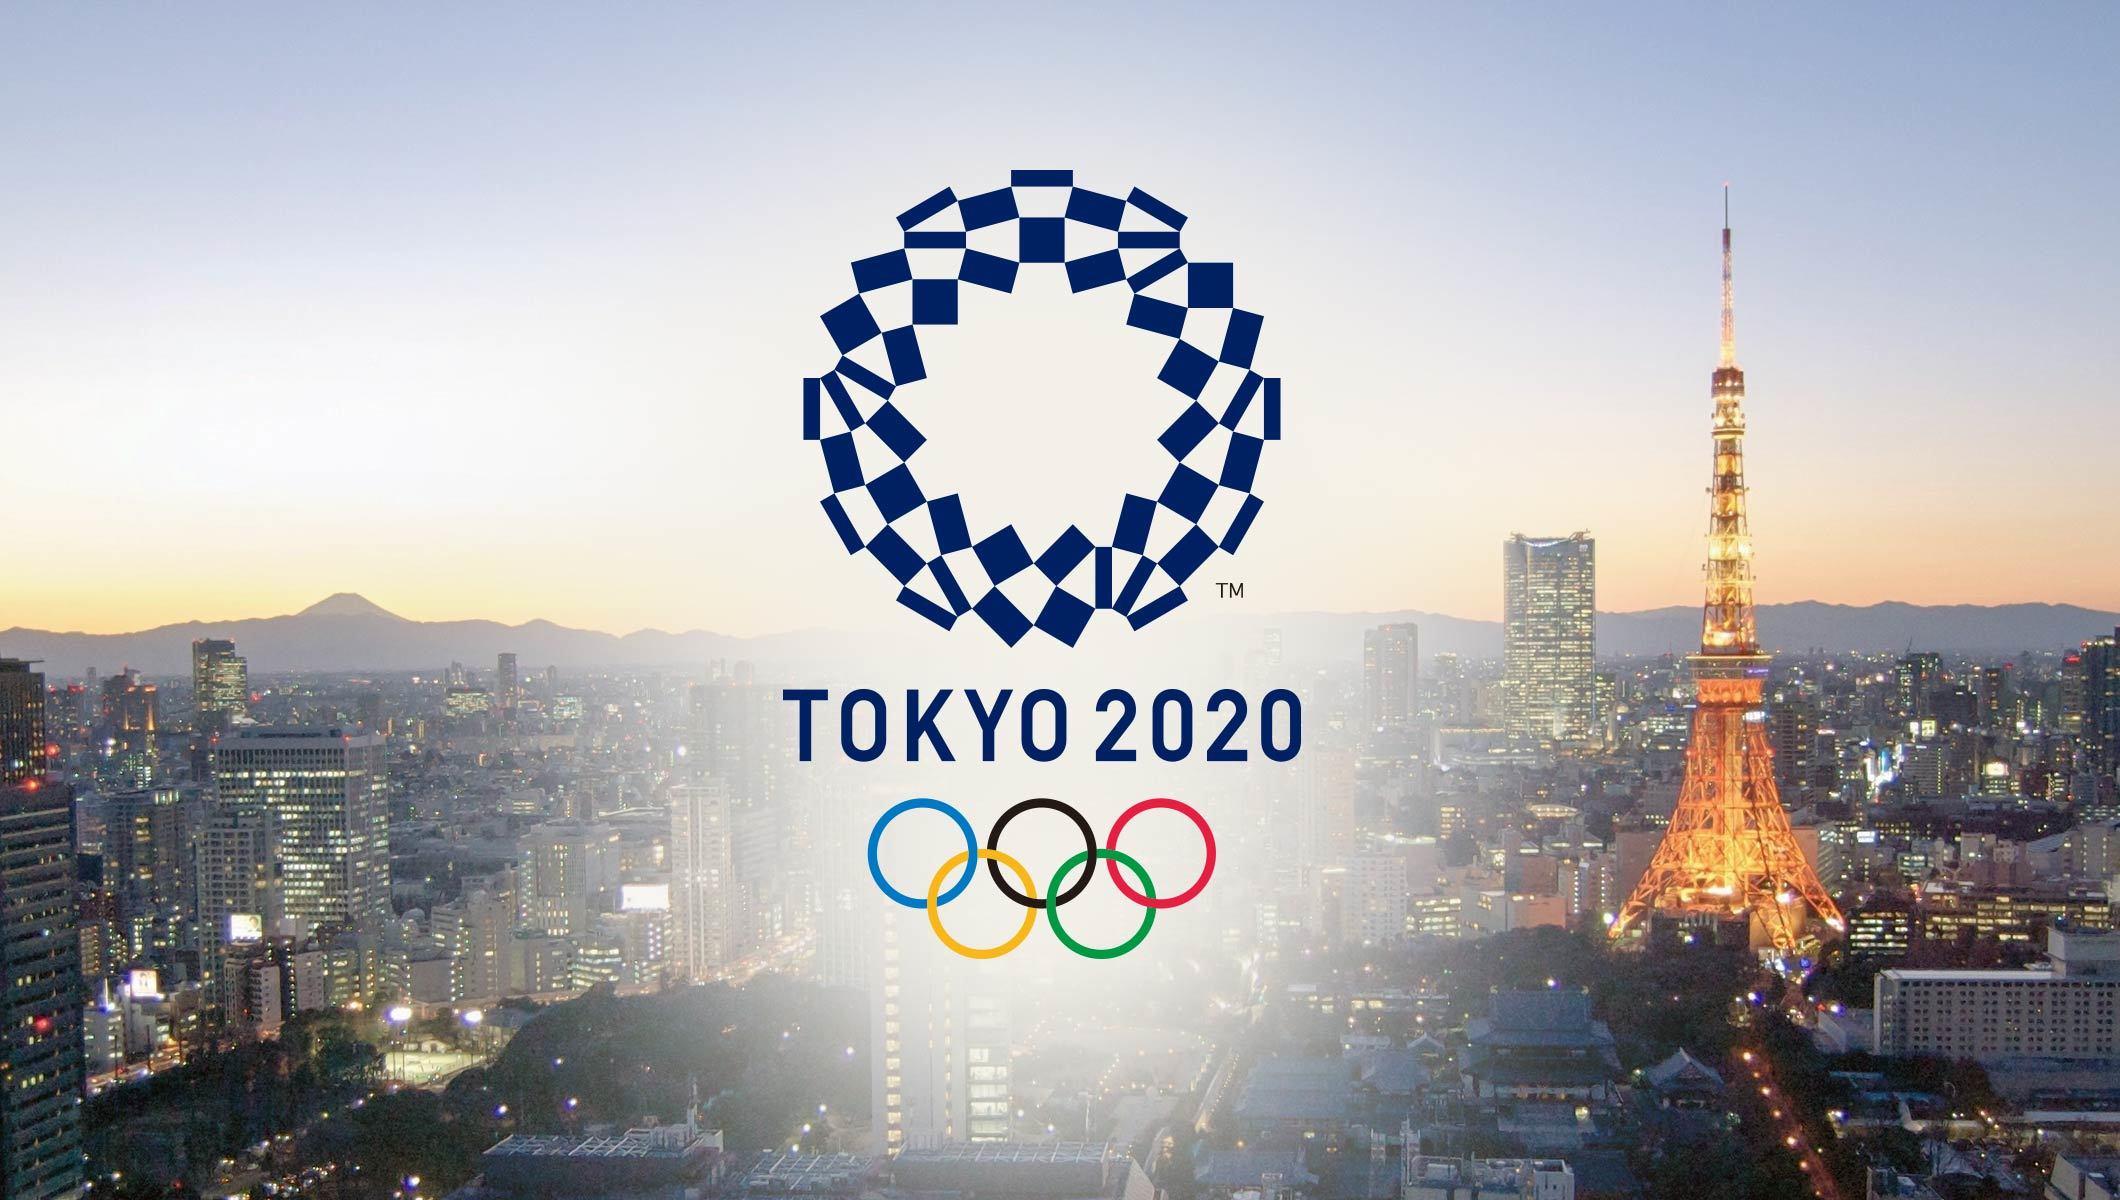 [HILO ÚNICO] JUEGOS OLÍMPICOS DE TOKIO 2020 Tokyo-2020